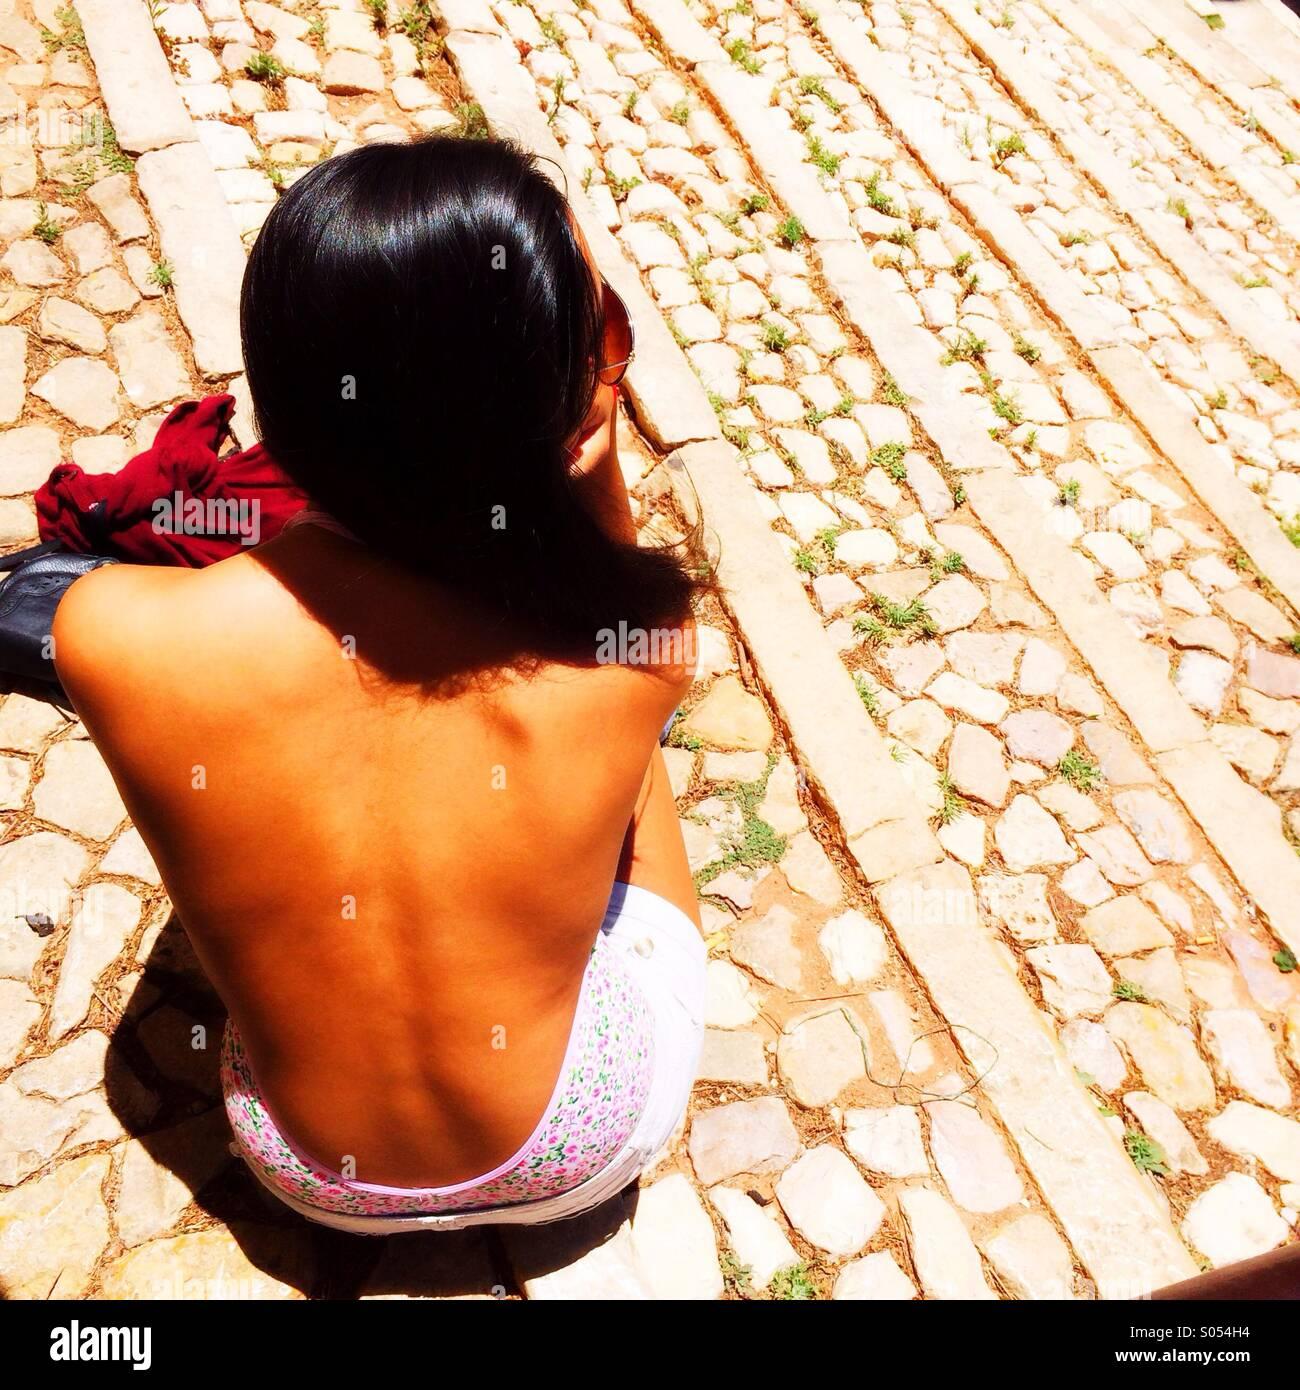 Chica sentada en escalones de piedra, Portugal Imagen De Stock